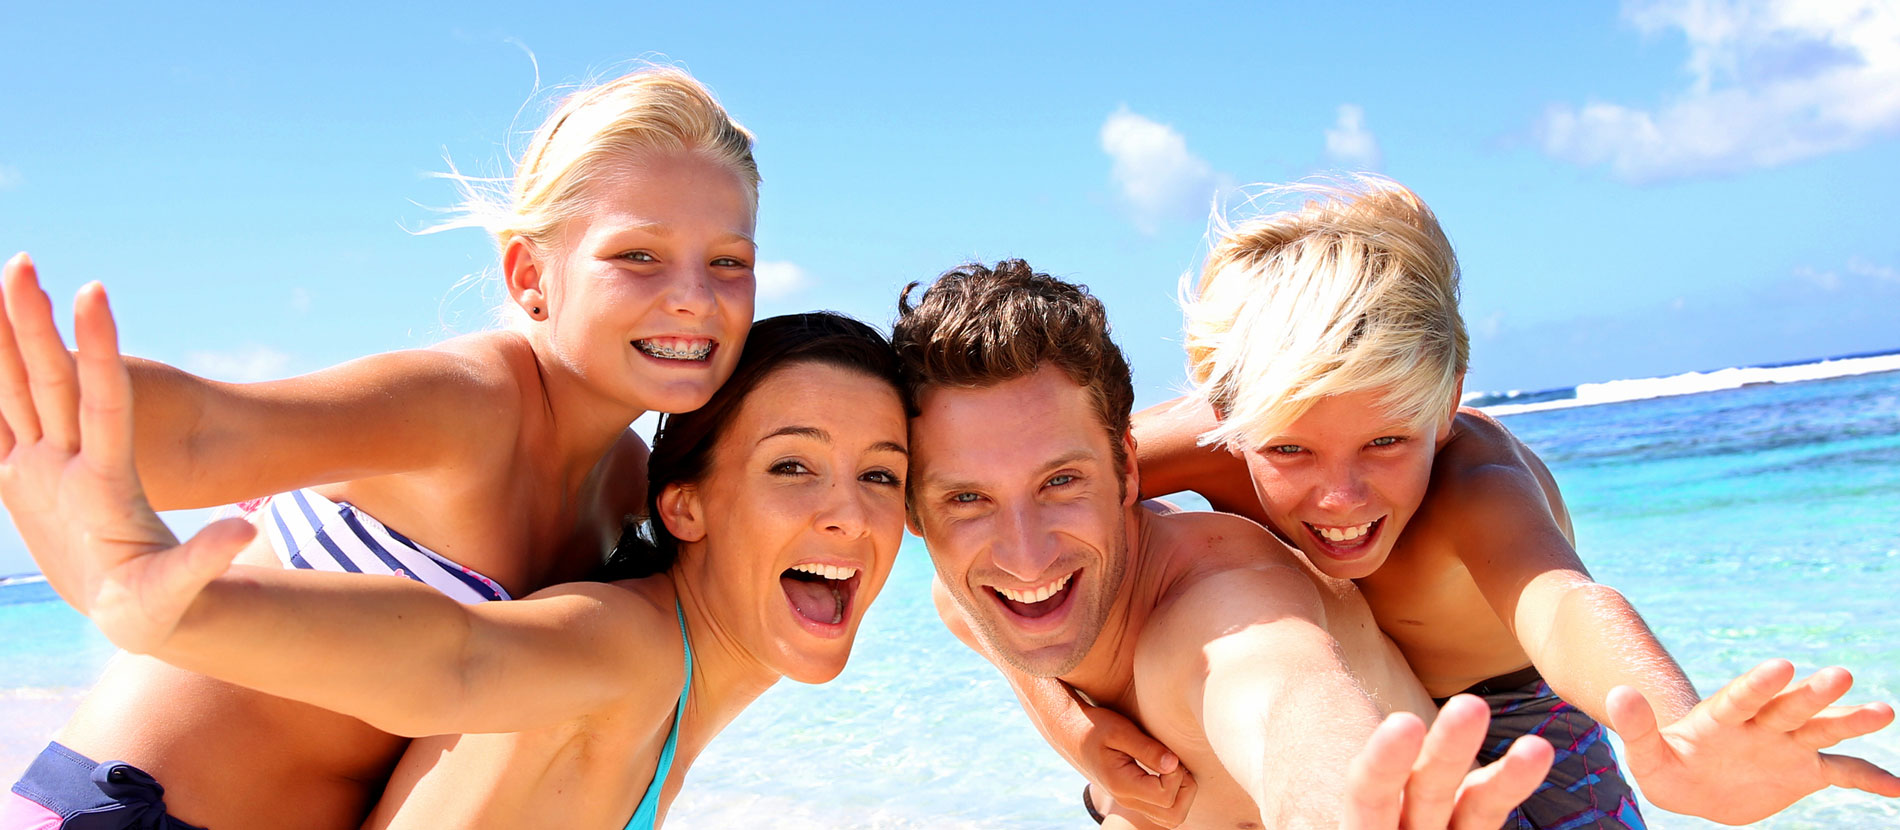 Agenzie a bibione vacanze a bibione agenzia acenter for Agenzia la moderna